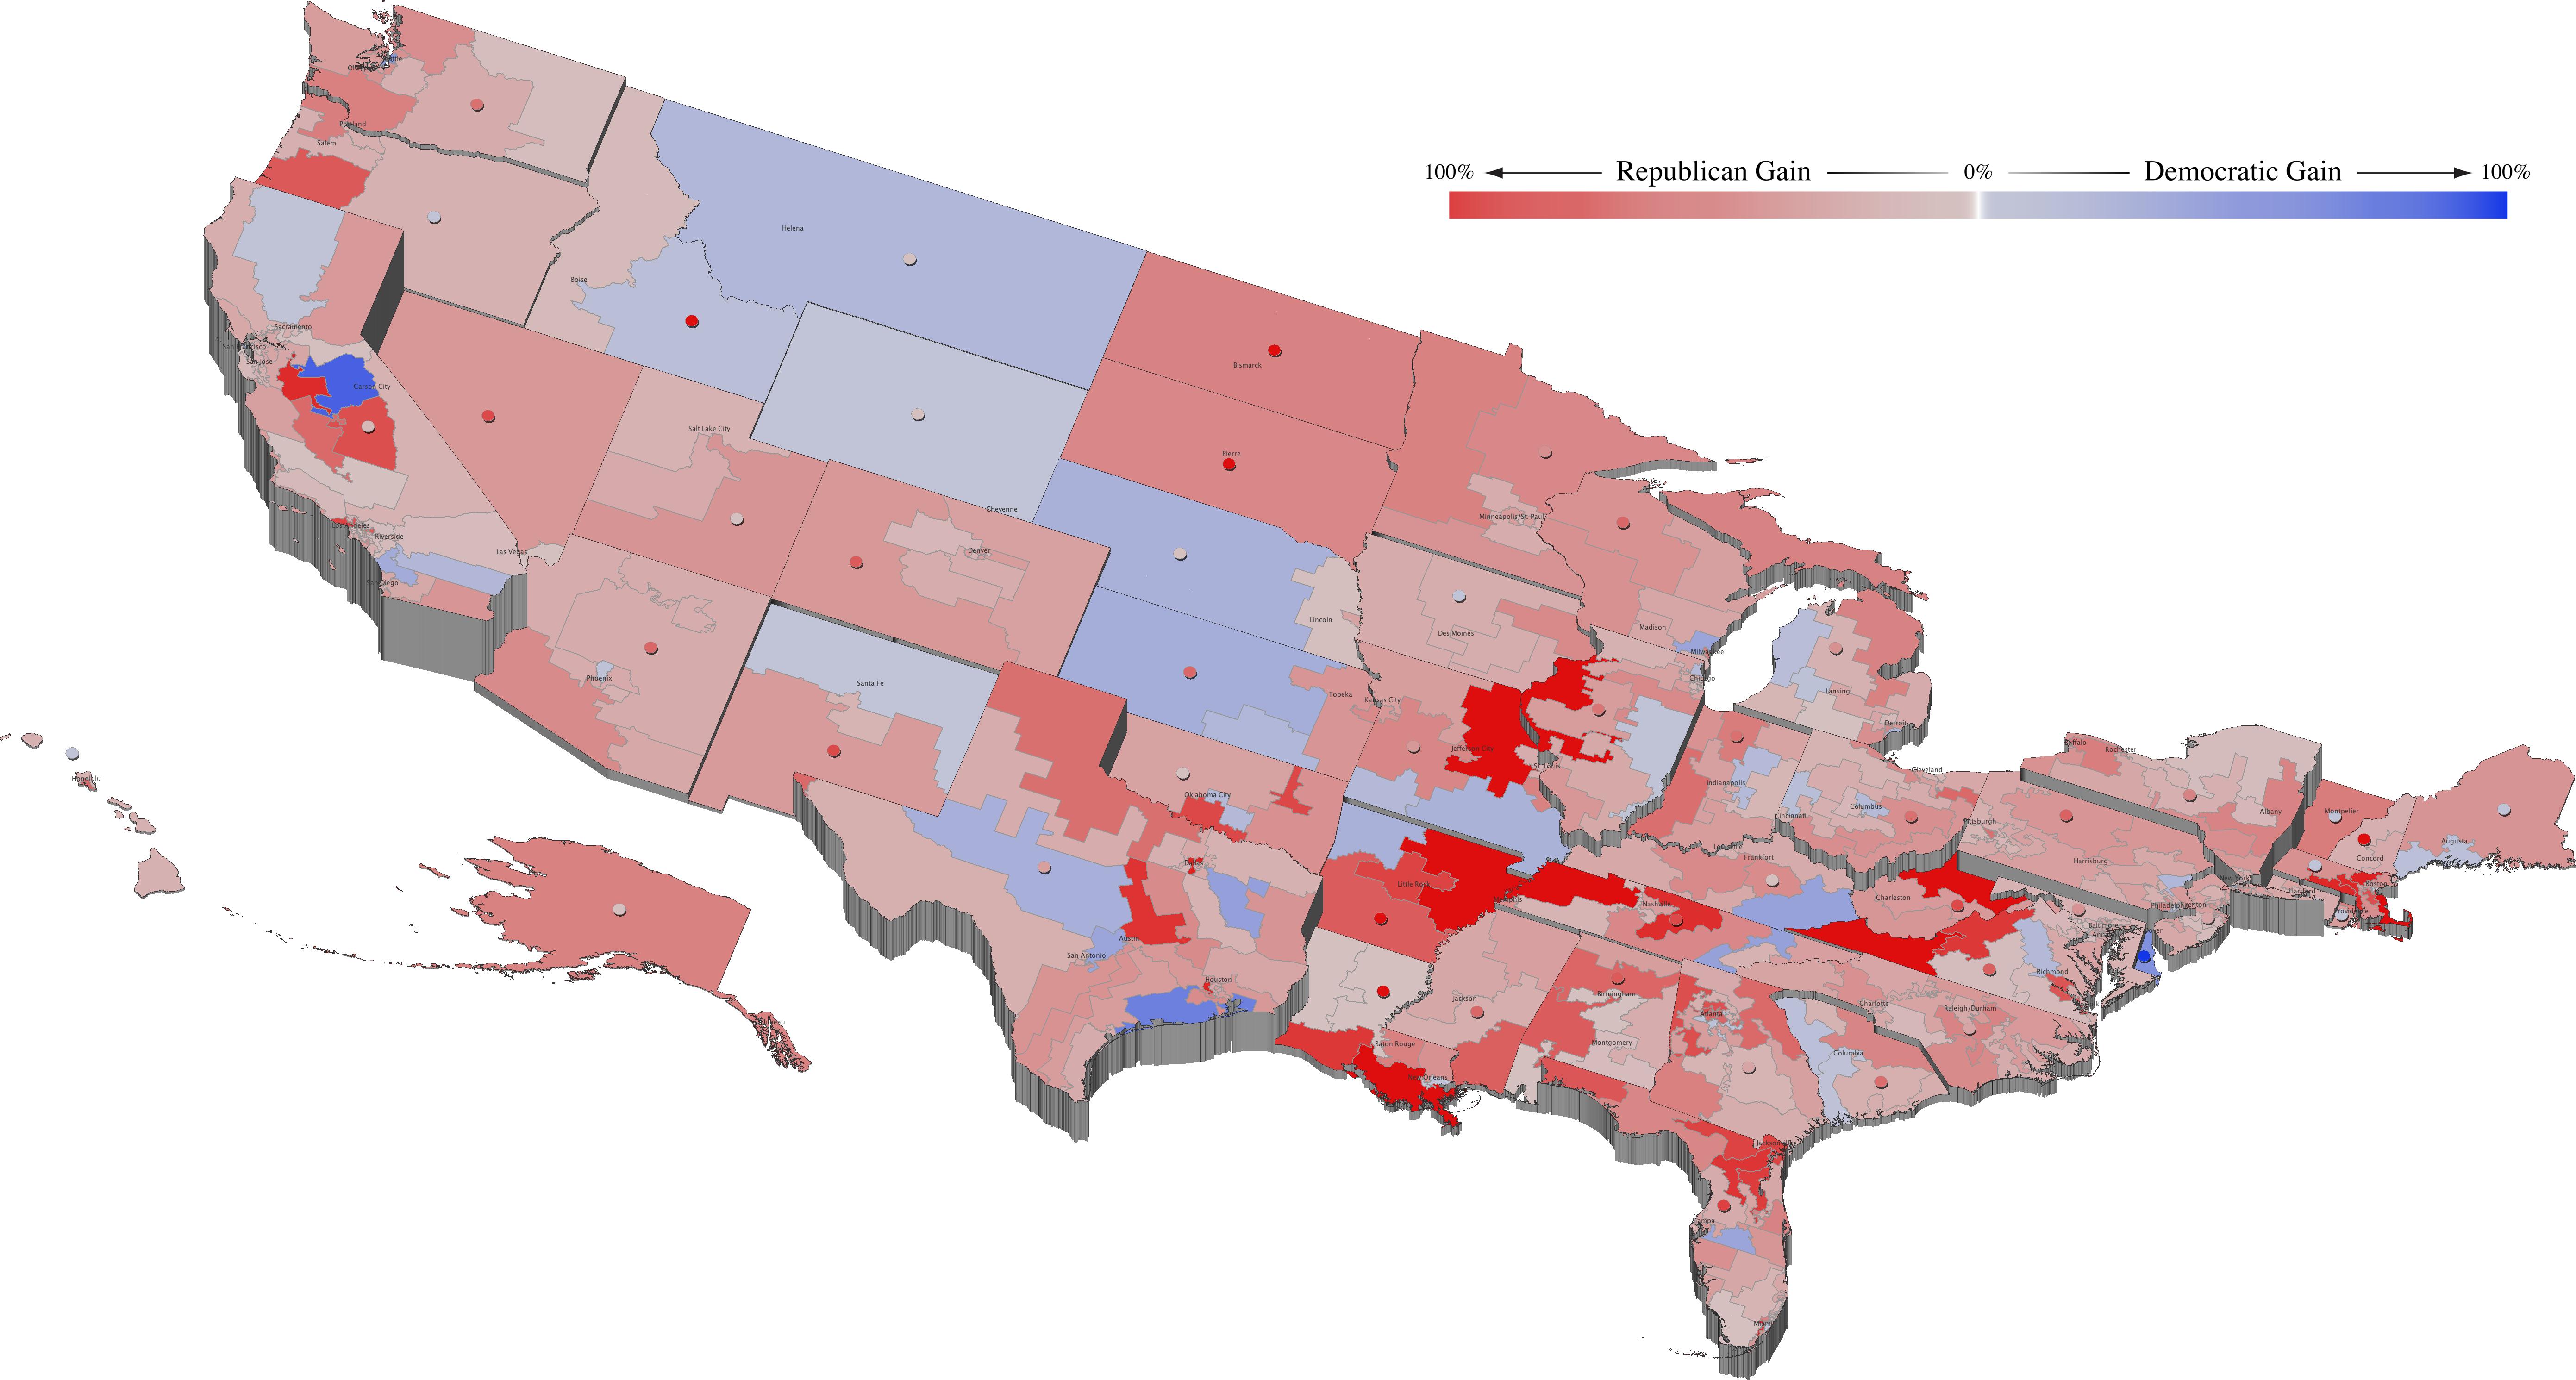 2014 U.S. Election Visualizations